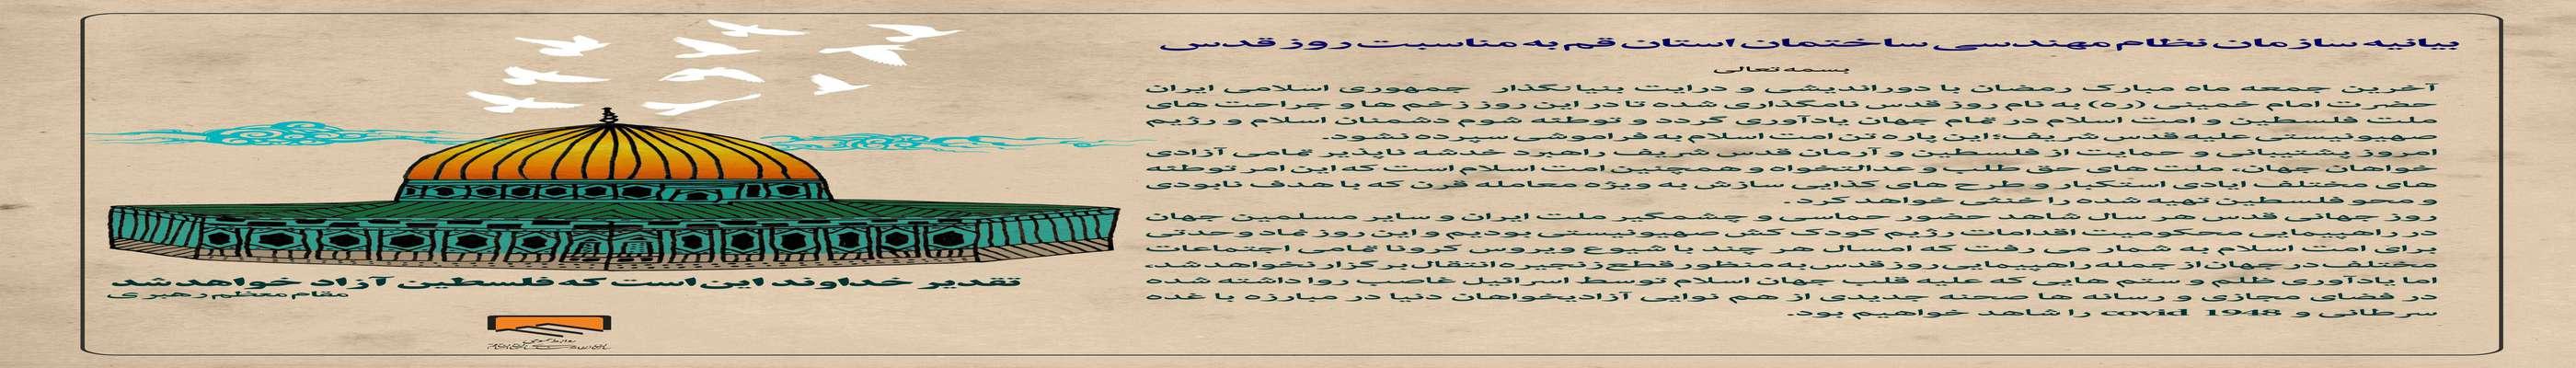 بیانیه سازمان نظام مهندسی ساختمان استان قم به مناسبت روز قدس